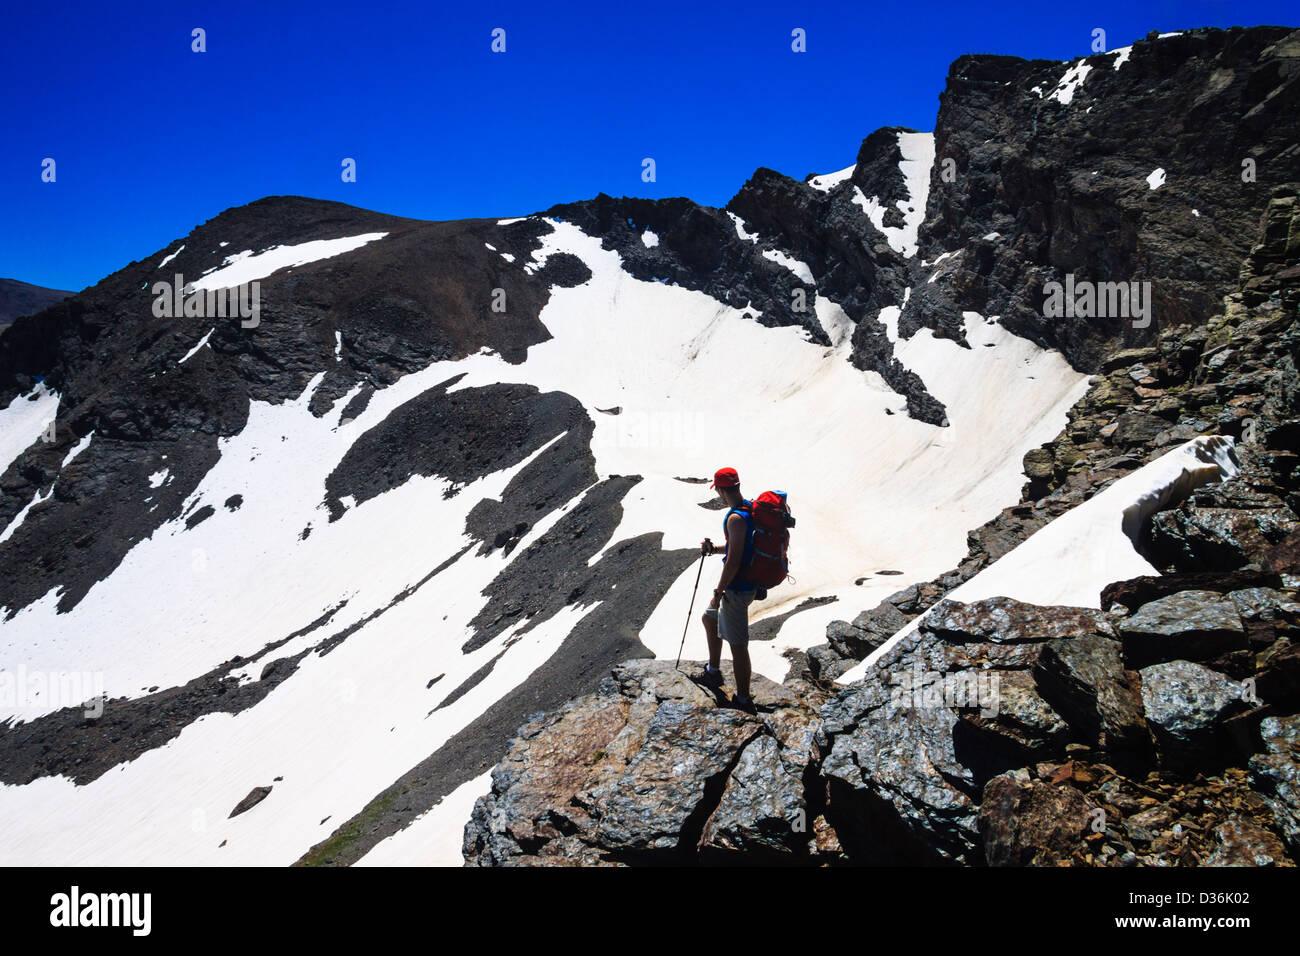 Trekker at Corral del Veleta Sierra Nevada, Granada, Spain - Stock Image